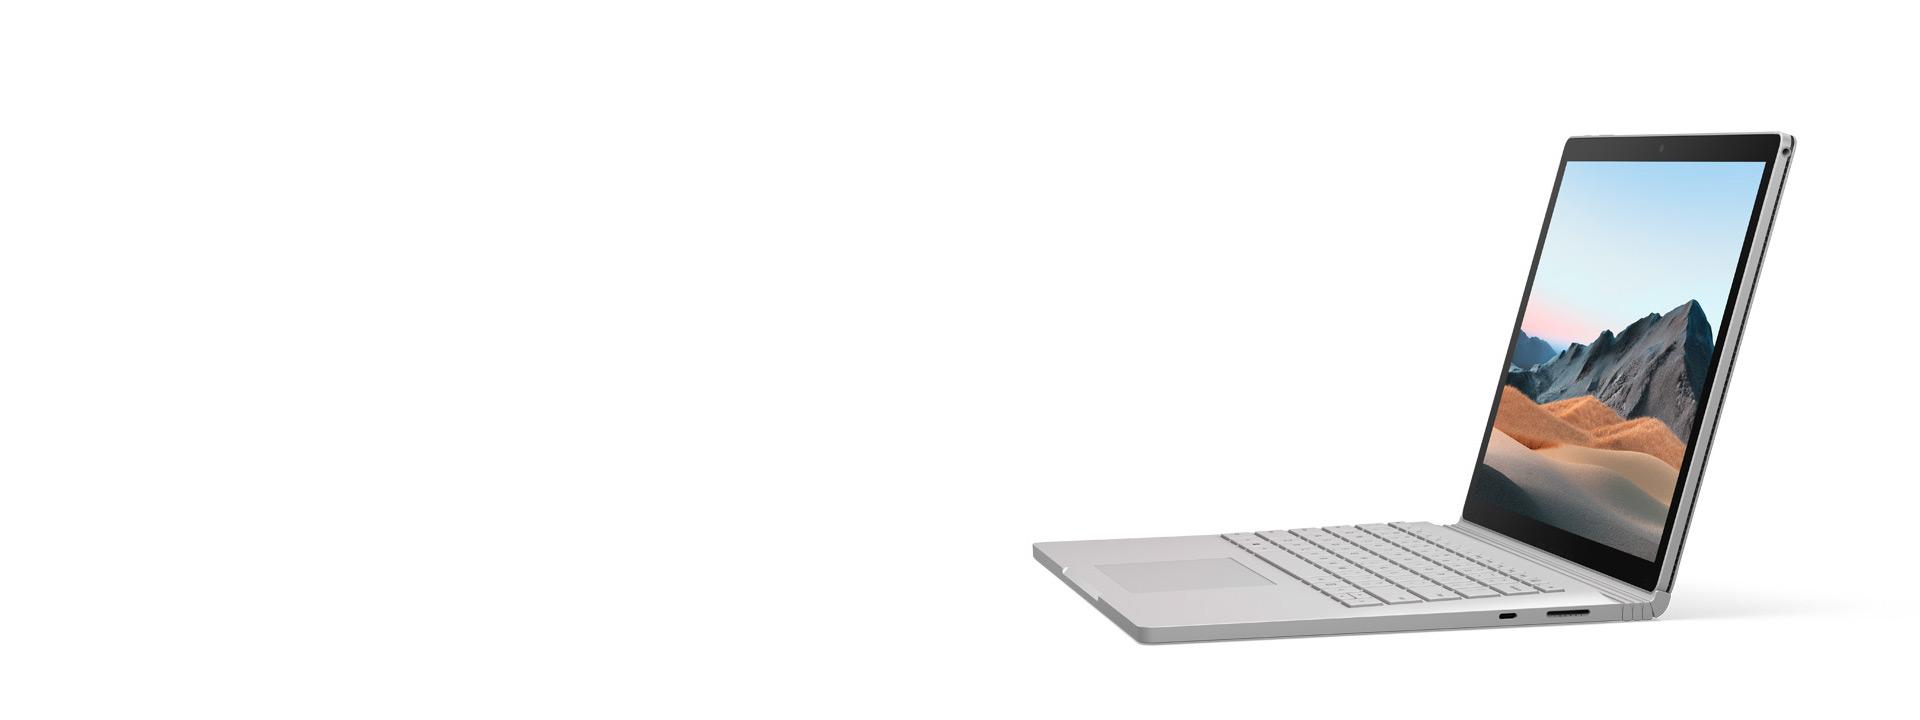 13.5 インチ PixelSense™ ディスプレイ搭載 Surface Book 3